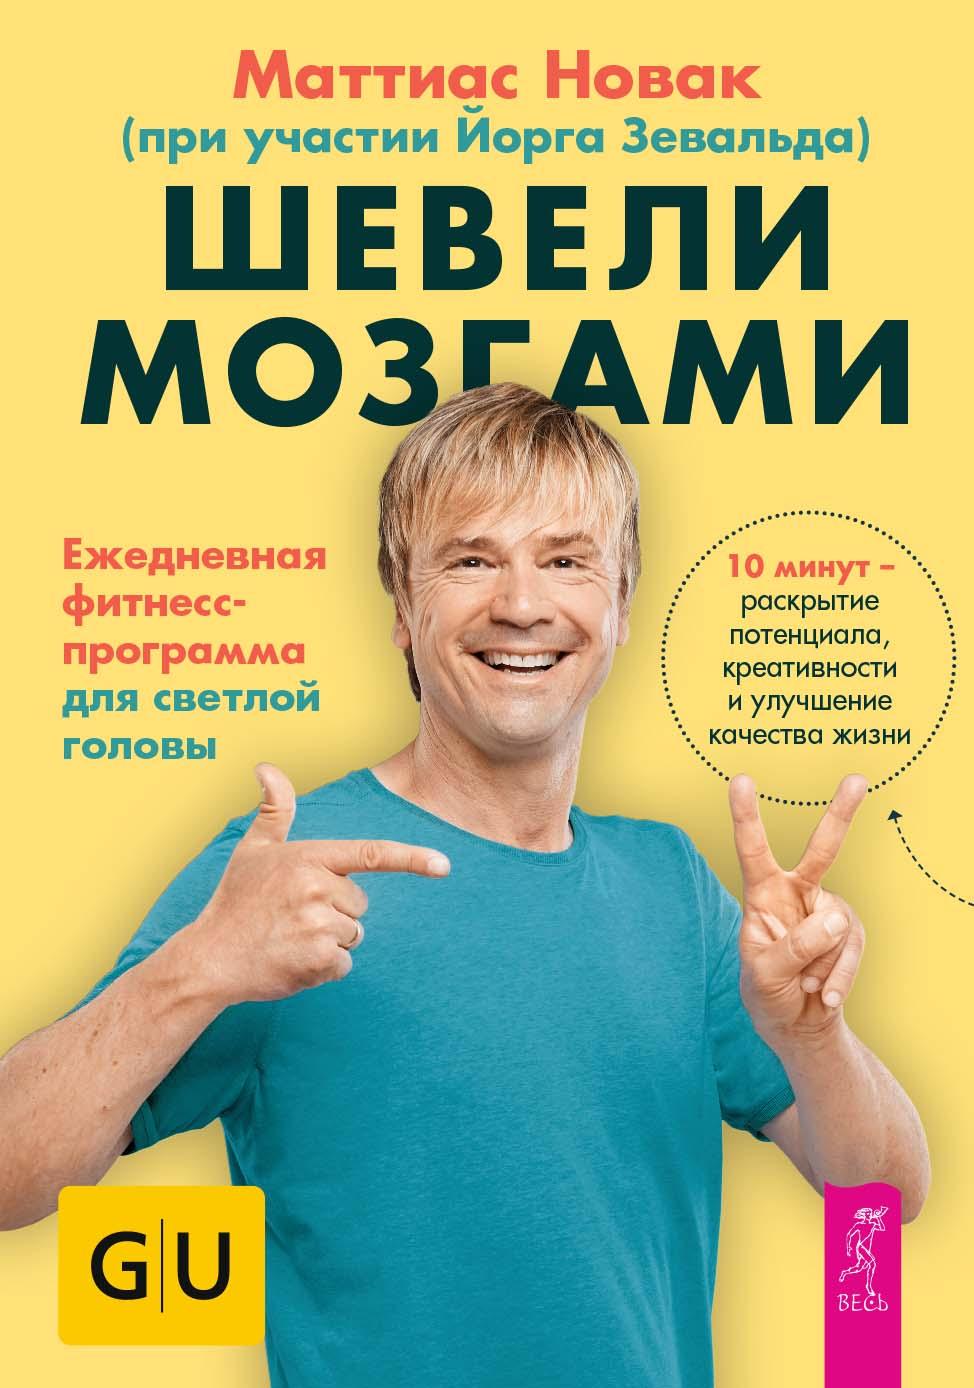 Маттиас Новак Шевели мозгами. Ежедневная фитнесс-программа для светлой головы маттиас новак константин шереметьев шевели мозгами совершенный мозг эффективный мозг комплект из 3 книг